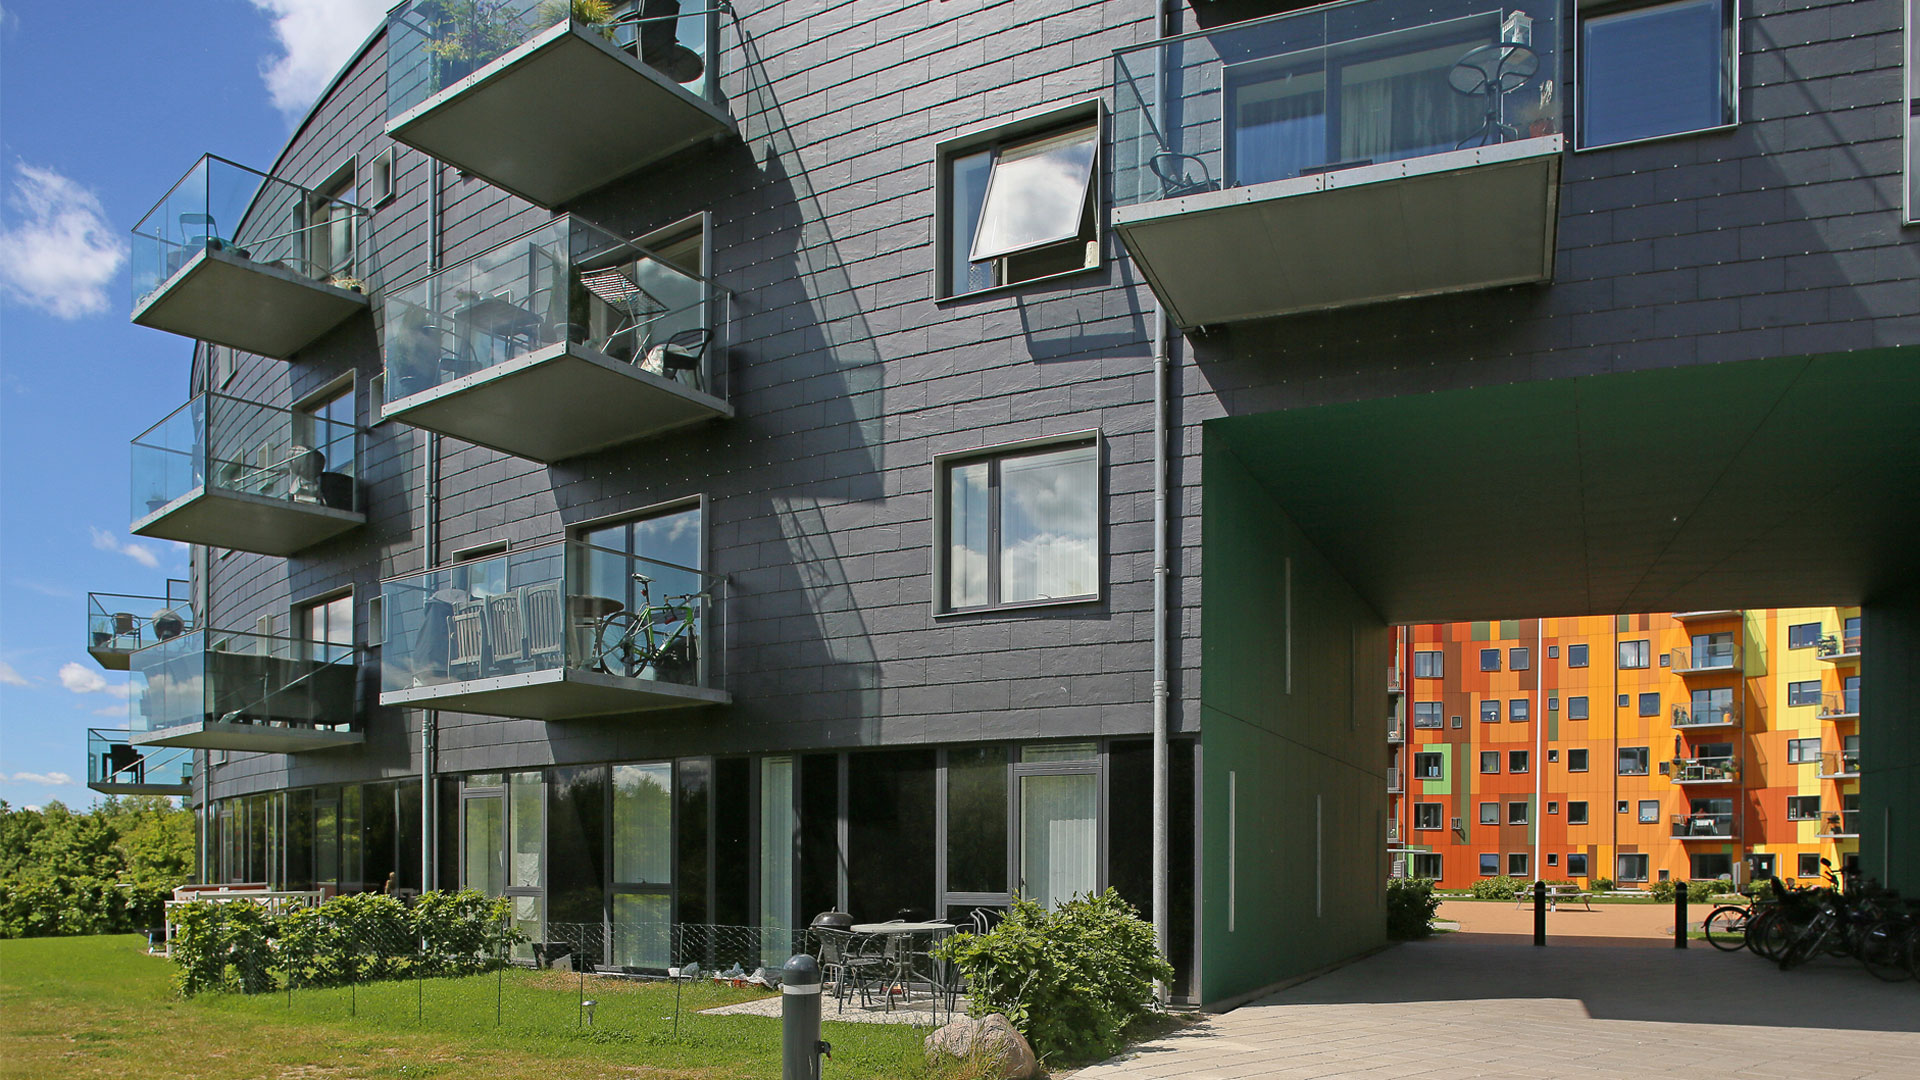 """Wohngebäude """"Cirkelhuset"""" des Architekten Lars Aaris, Architekturbüro BSAA, mit Schieferfassade im dänischen Køge."""